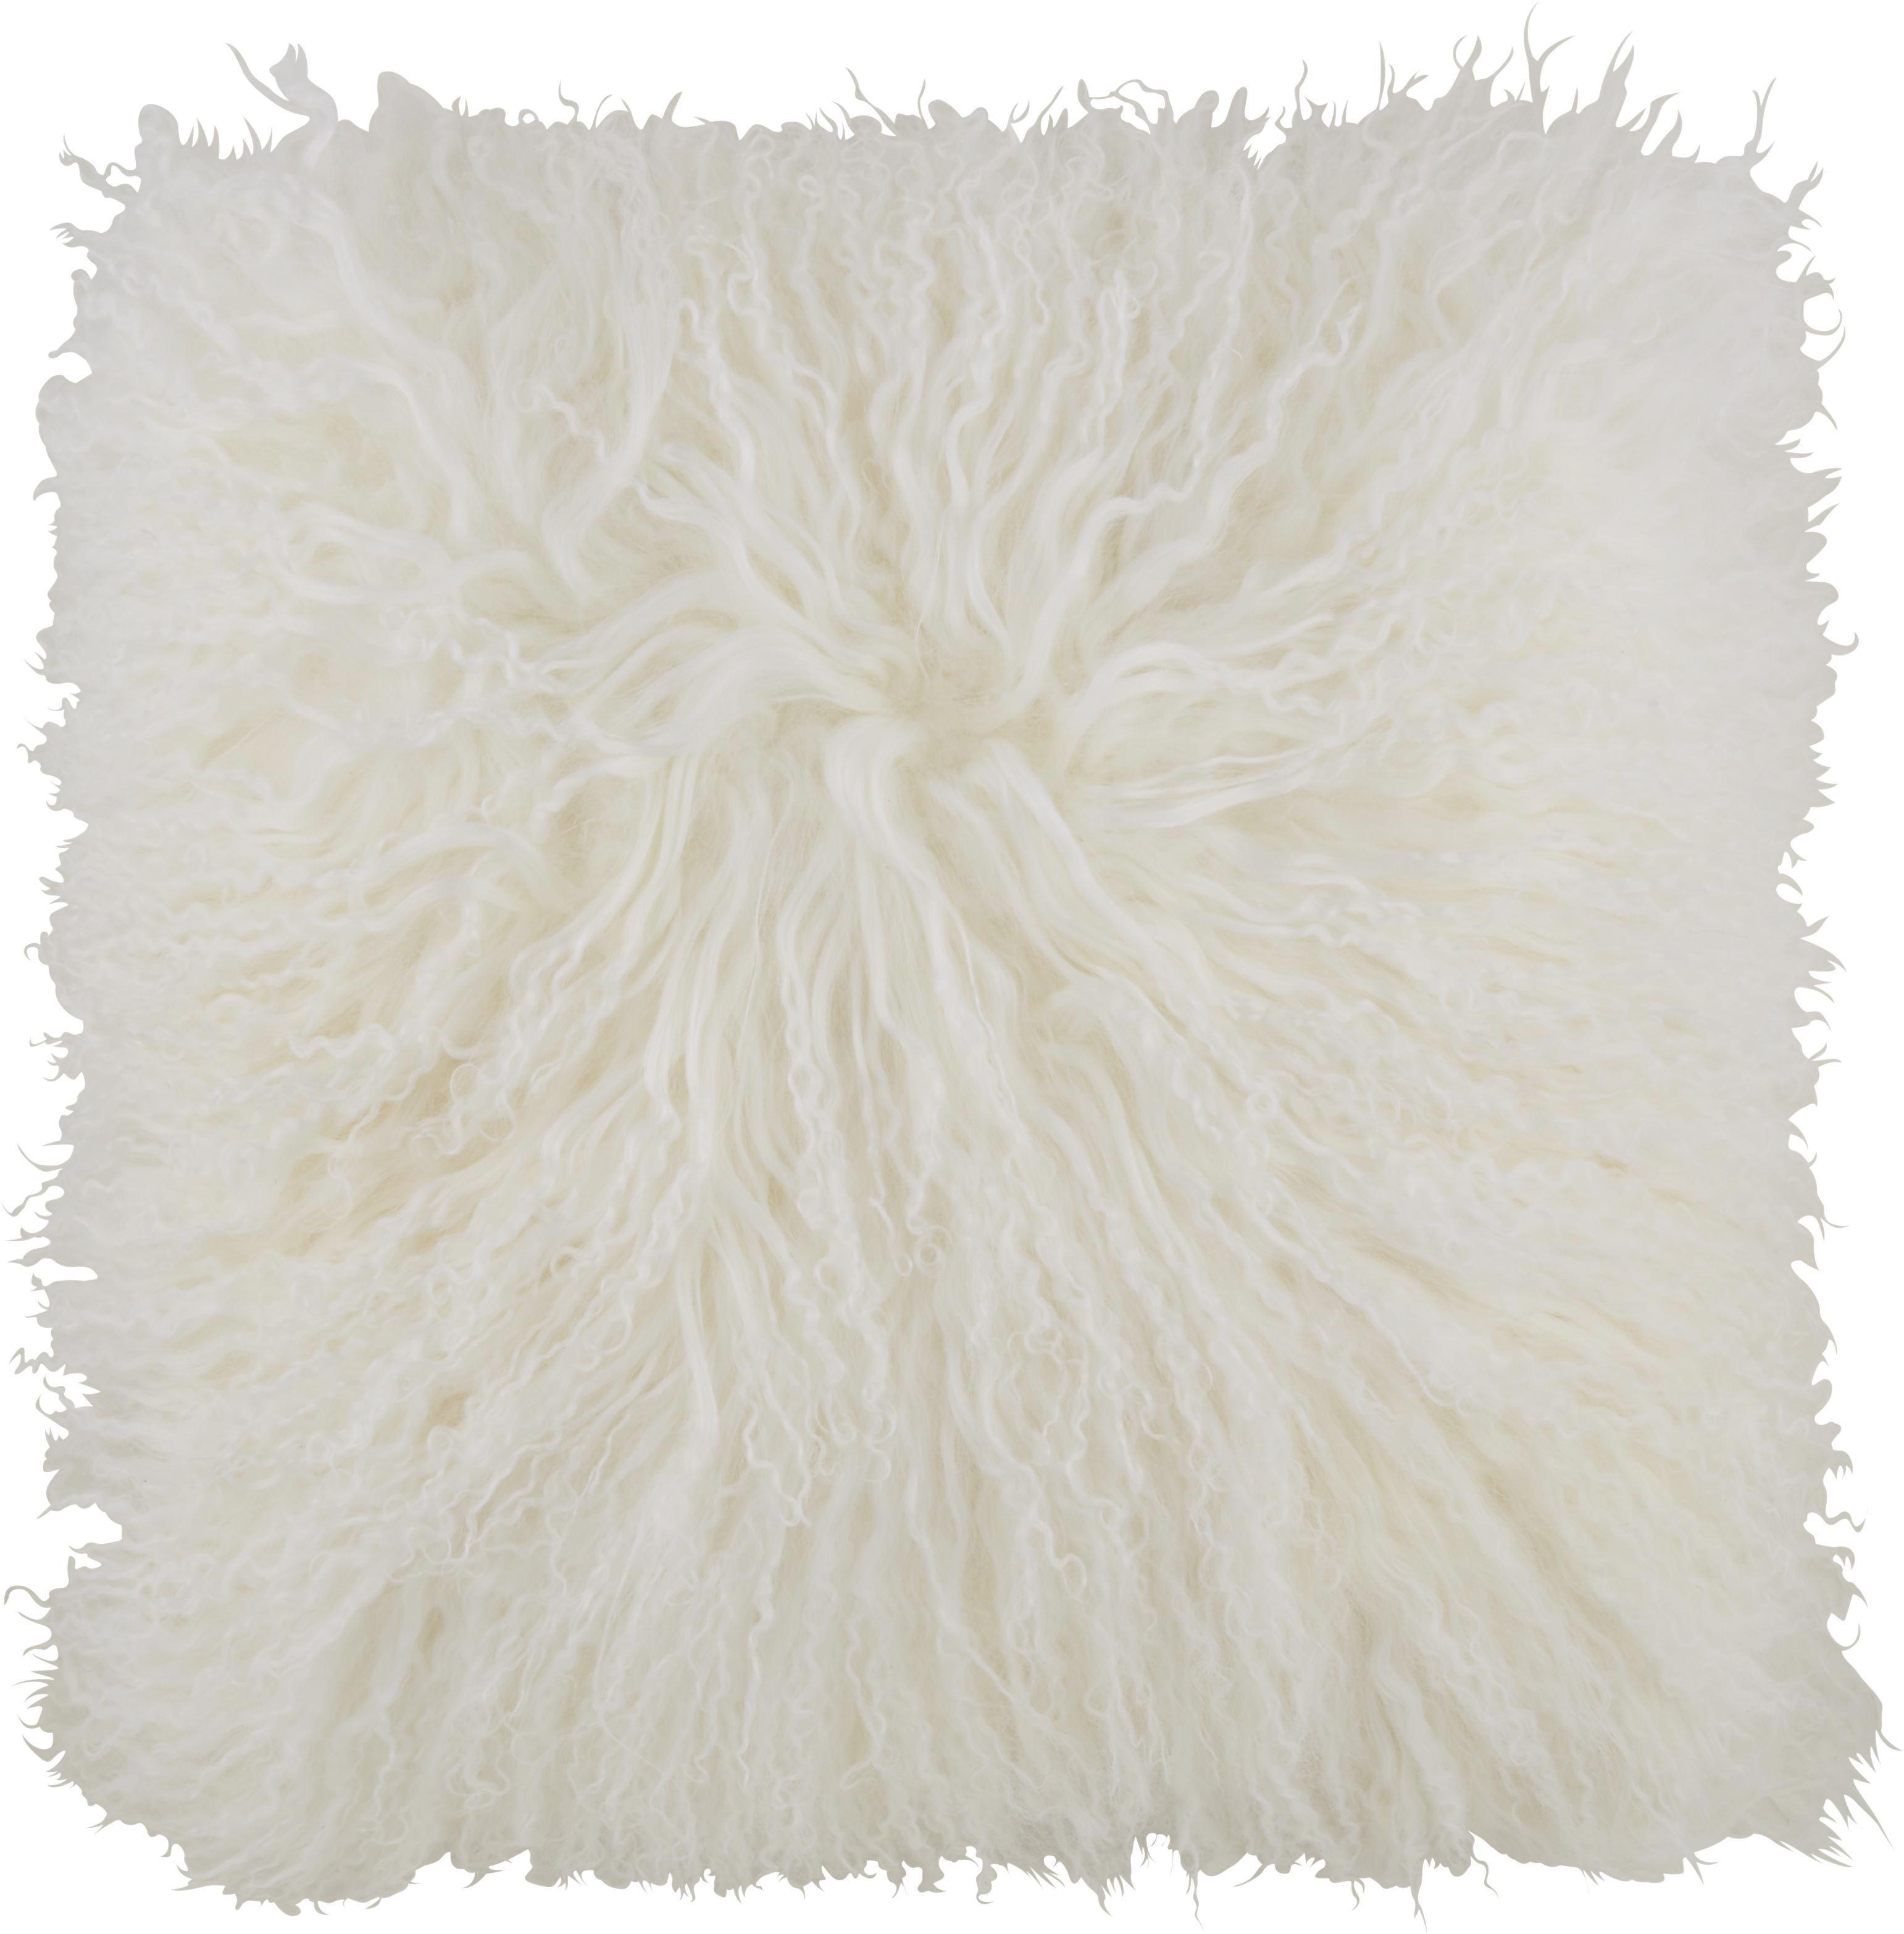 Zierkissen Shaun in Weiß, ca. 40x40cm - Weiß, Textil (40/40cm) - PREMIUM LIVING